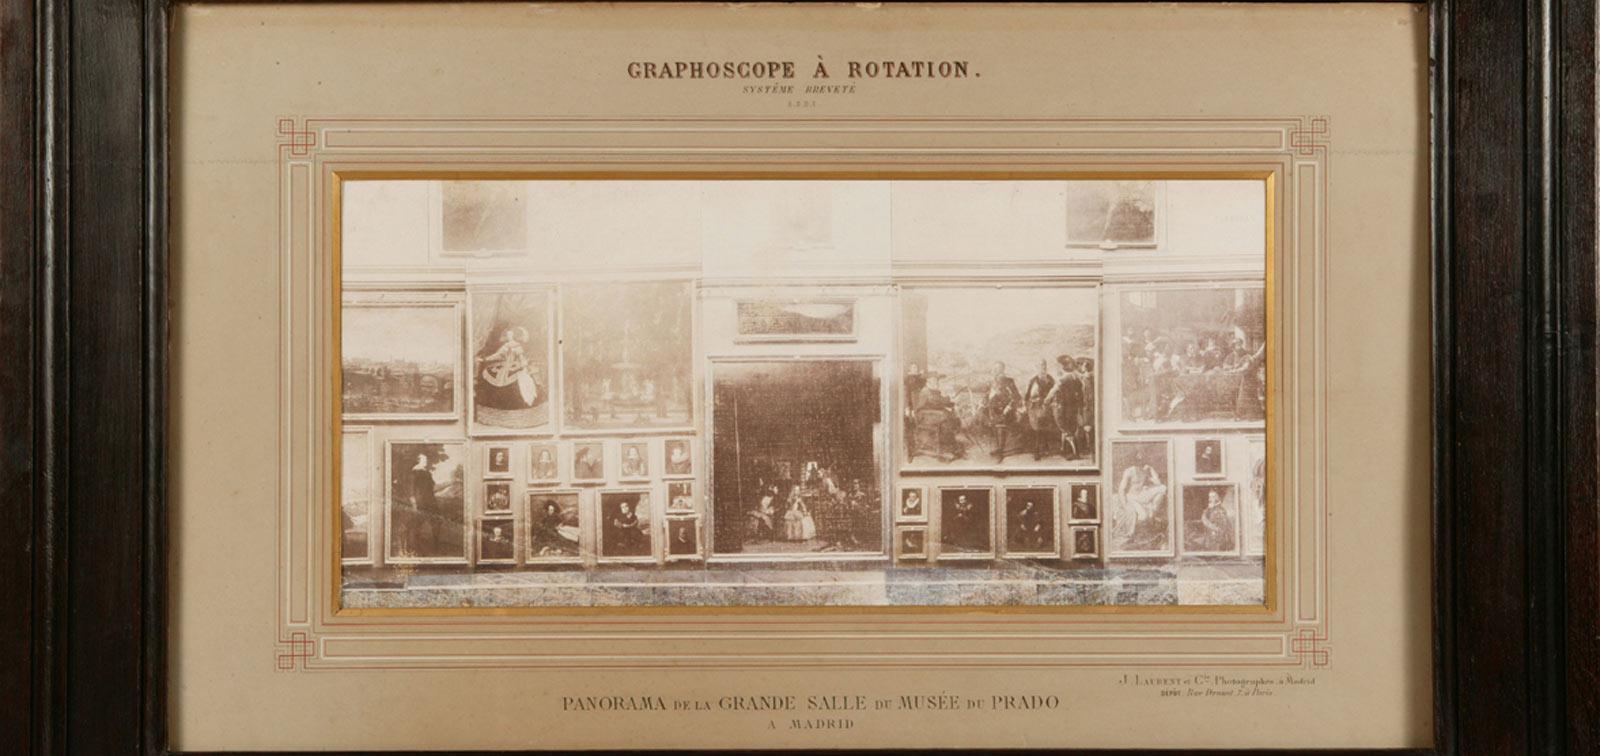 El Grafoscopio. Un siglo de miradas al Museo del Prado (1819-1920)